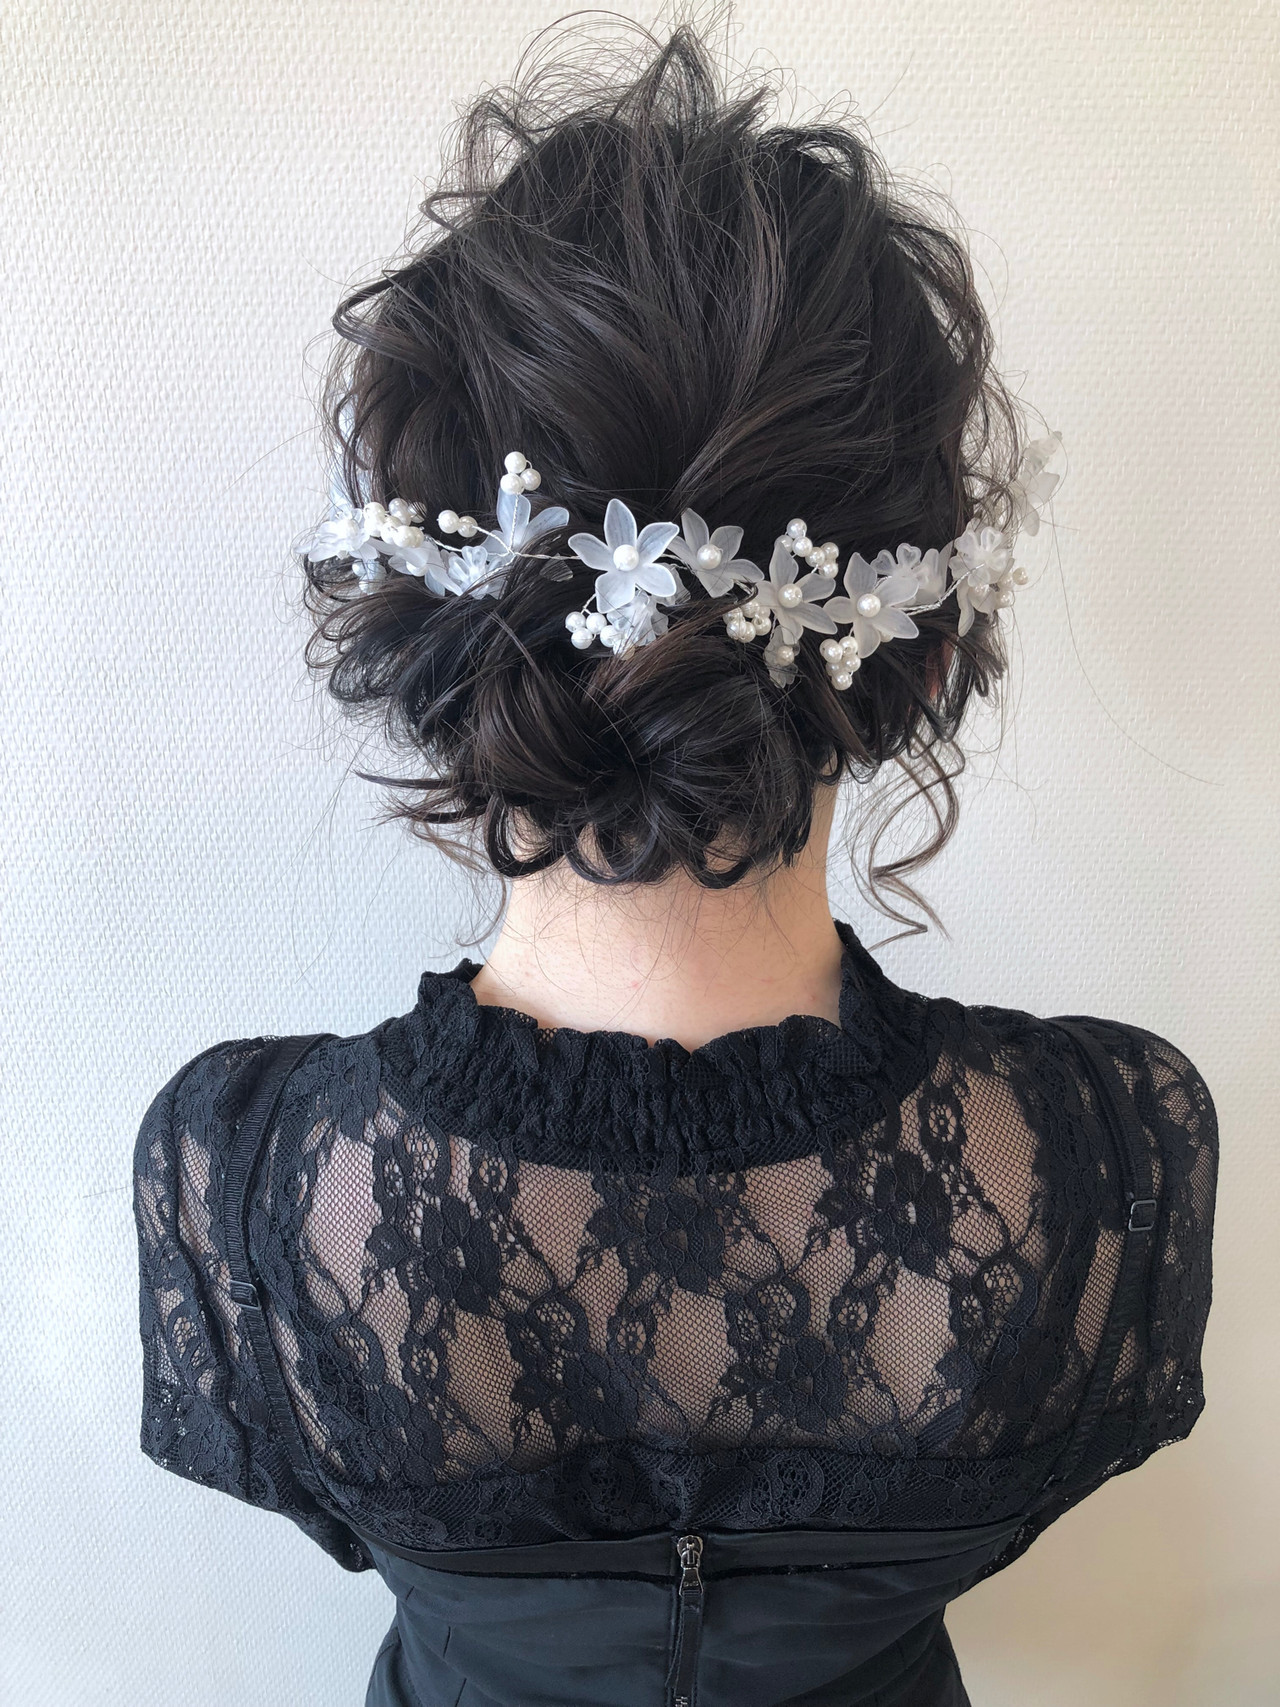 ミディアム お団子アレンジ 結婚式ヘアアレンジ 結婚式 ヘアスタイルや髪型の写真・画像